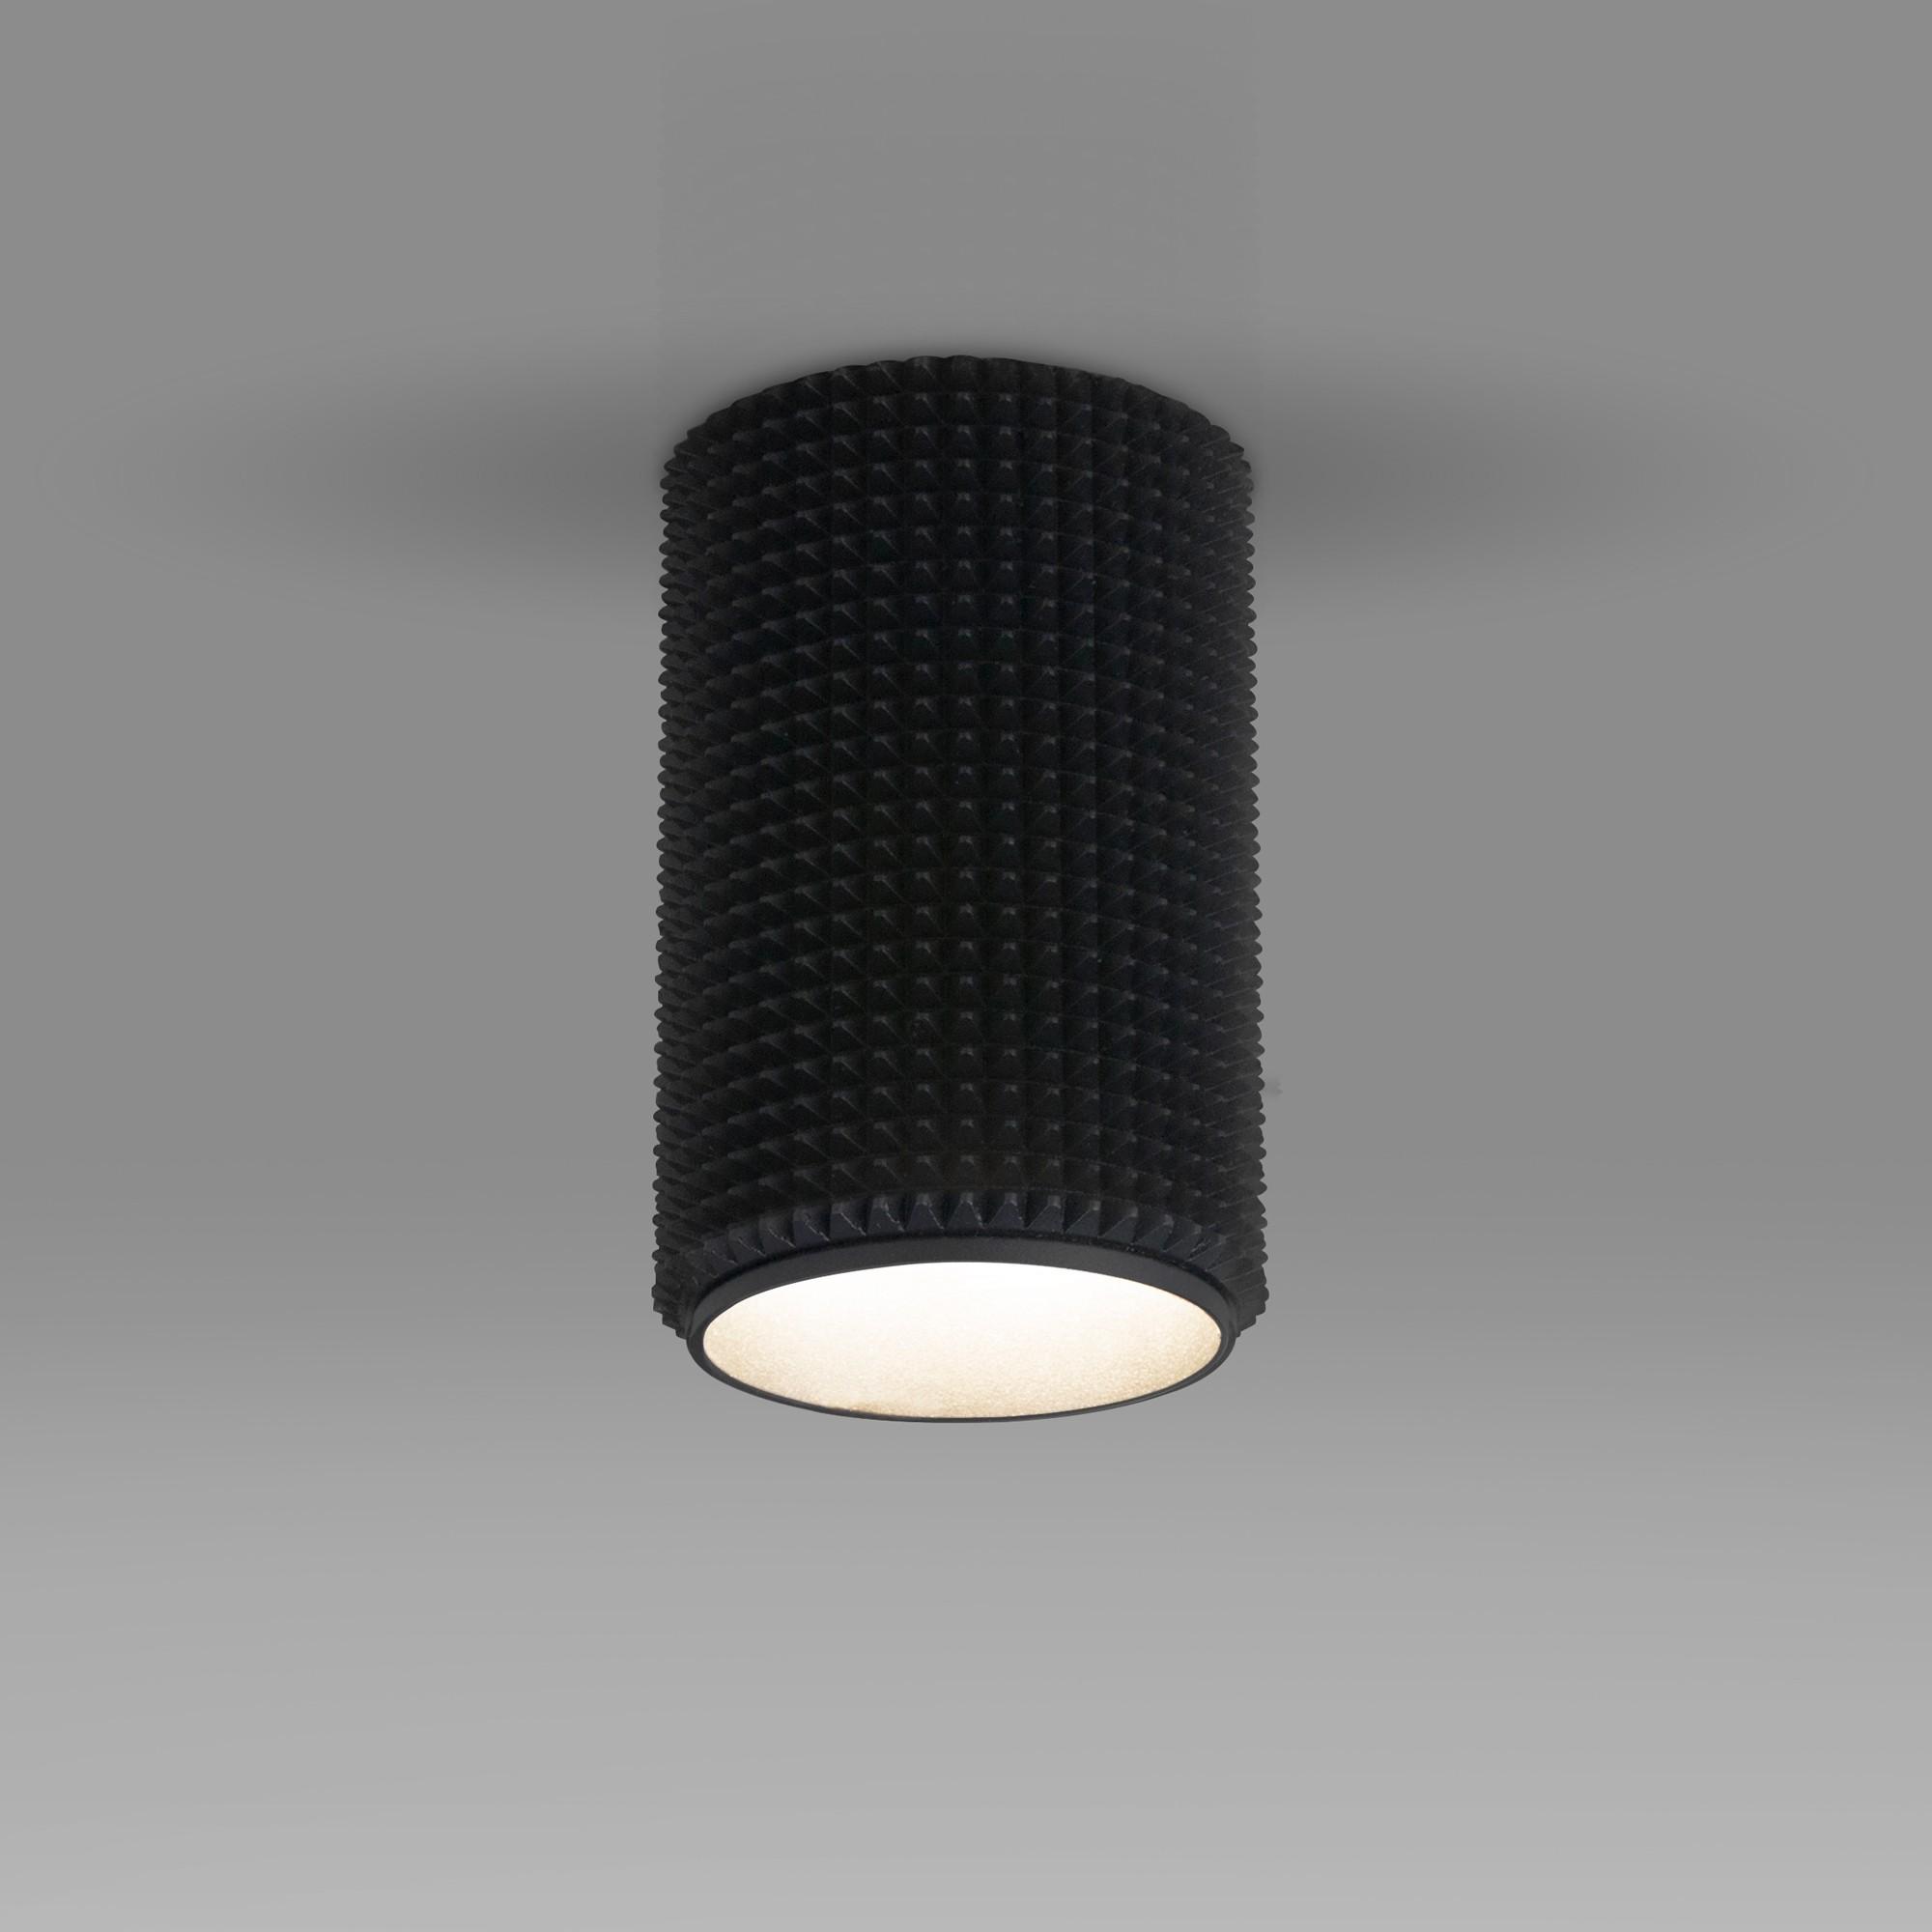 DLN112 GU10 черный